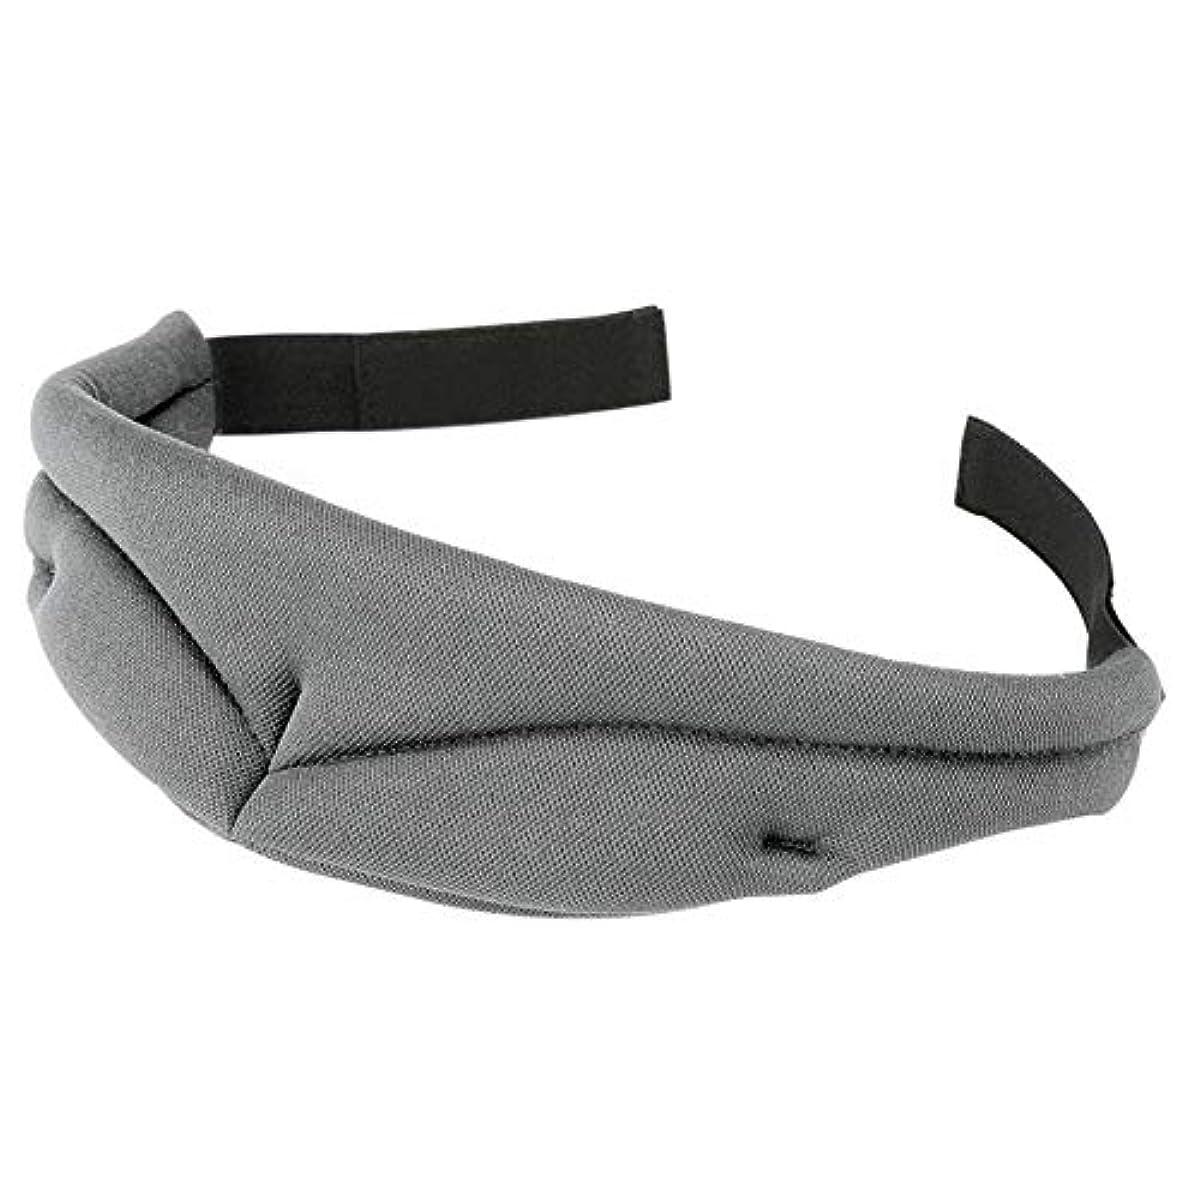 NOTE 高品質睡眠マスク封鎖ライト睡眠補助休息旅行リラックス目隠しヘッドバンドソフトカバーアイパッチ用男性女性